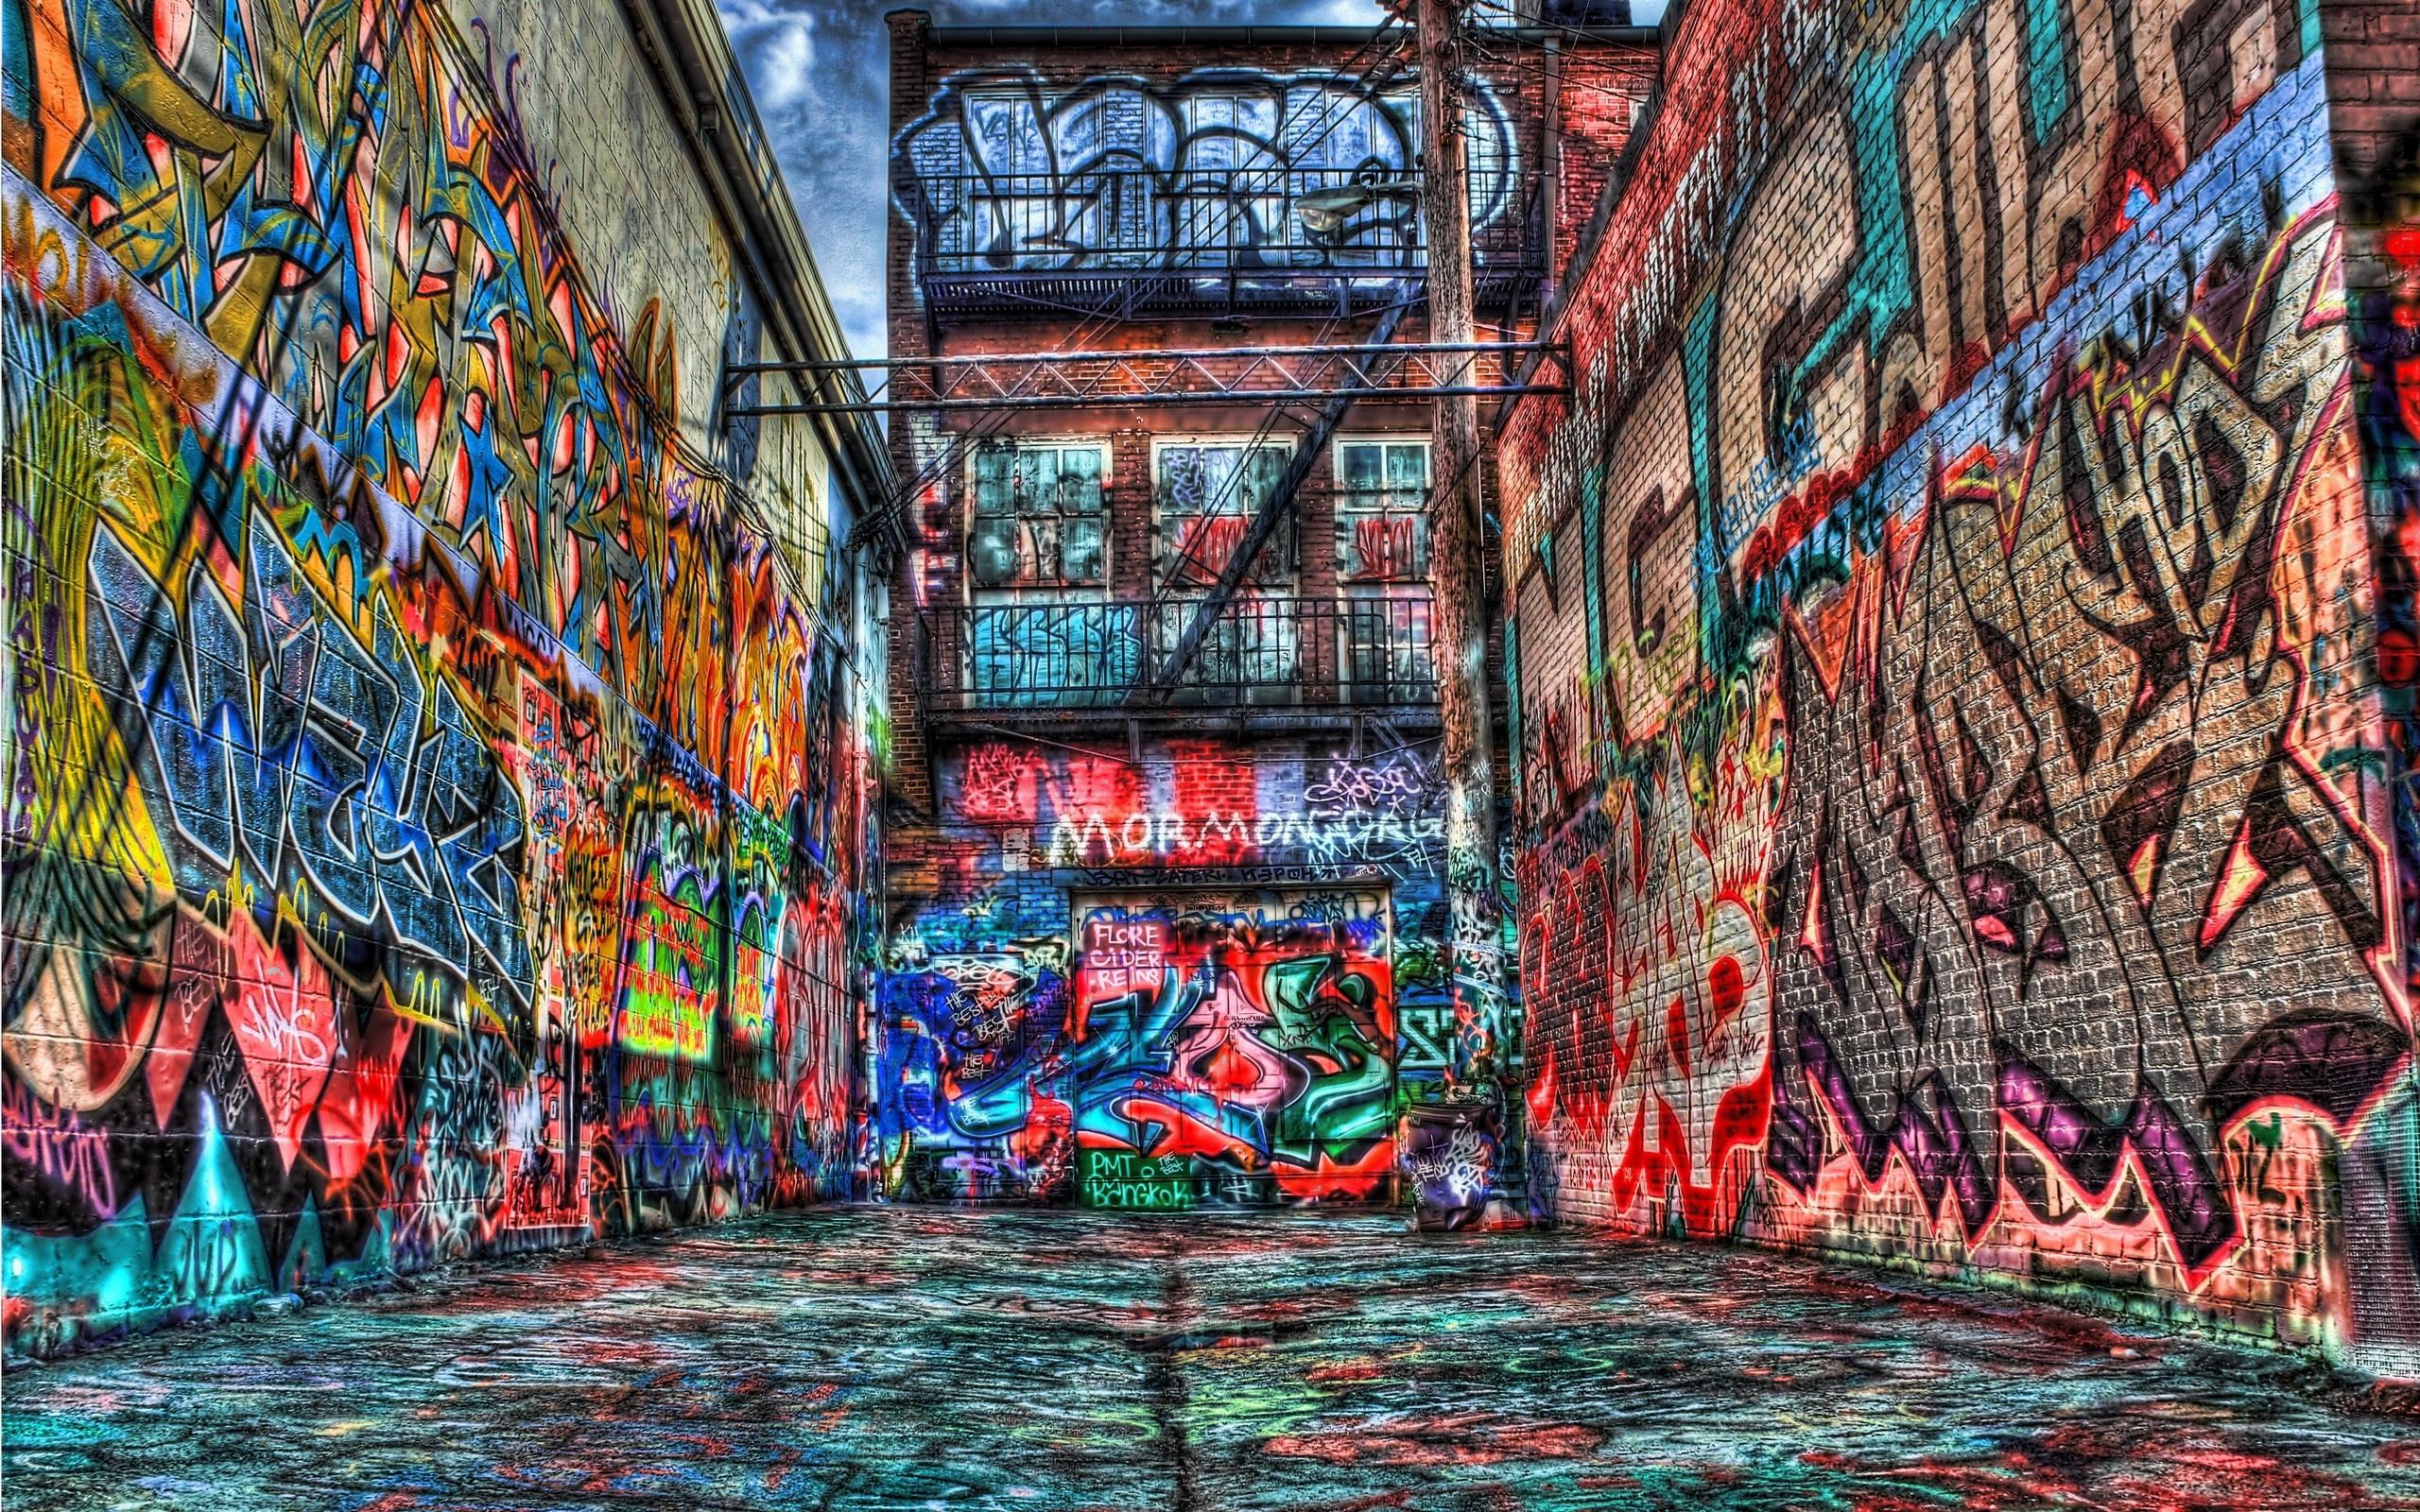 HD Graffiti Desktop Wallpapers (71+ images)